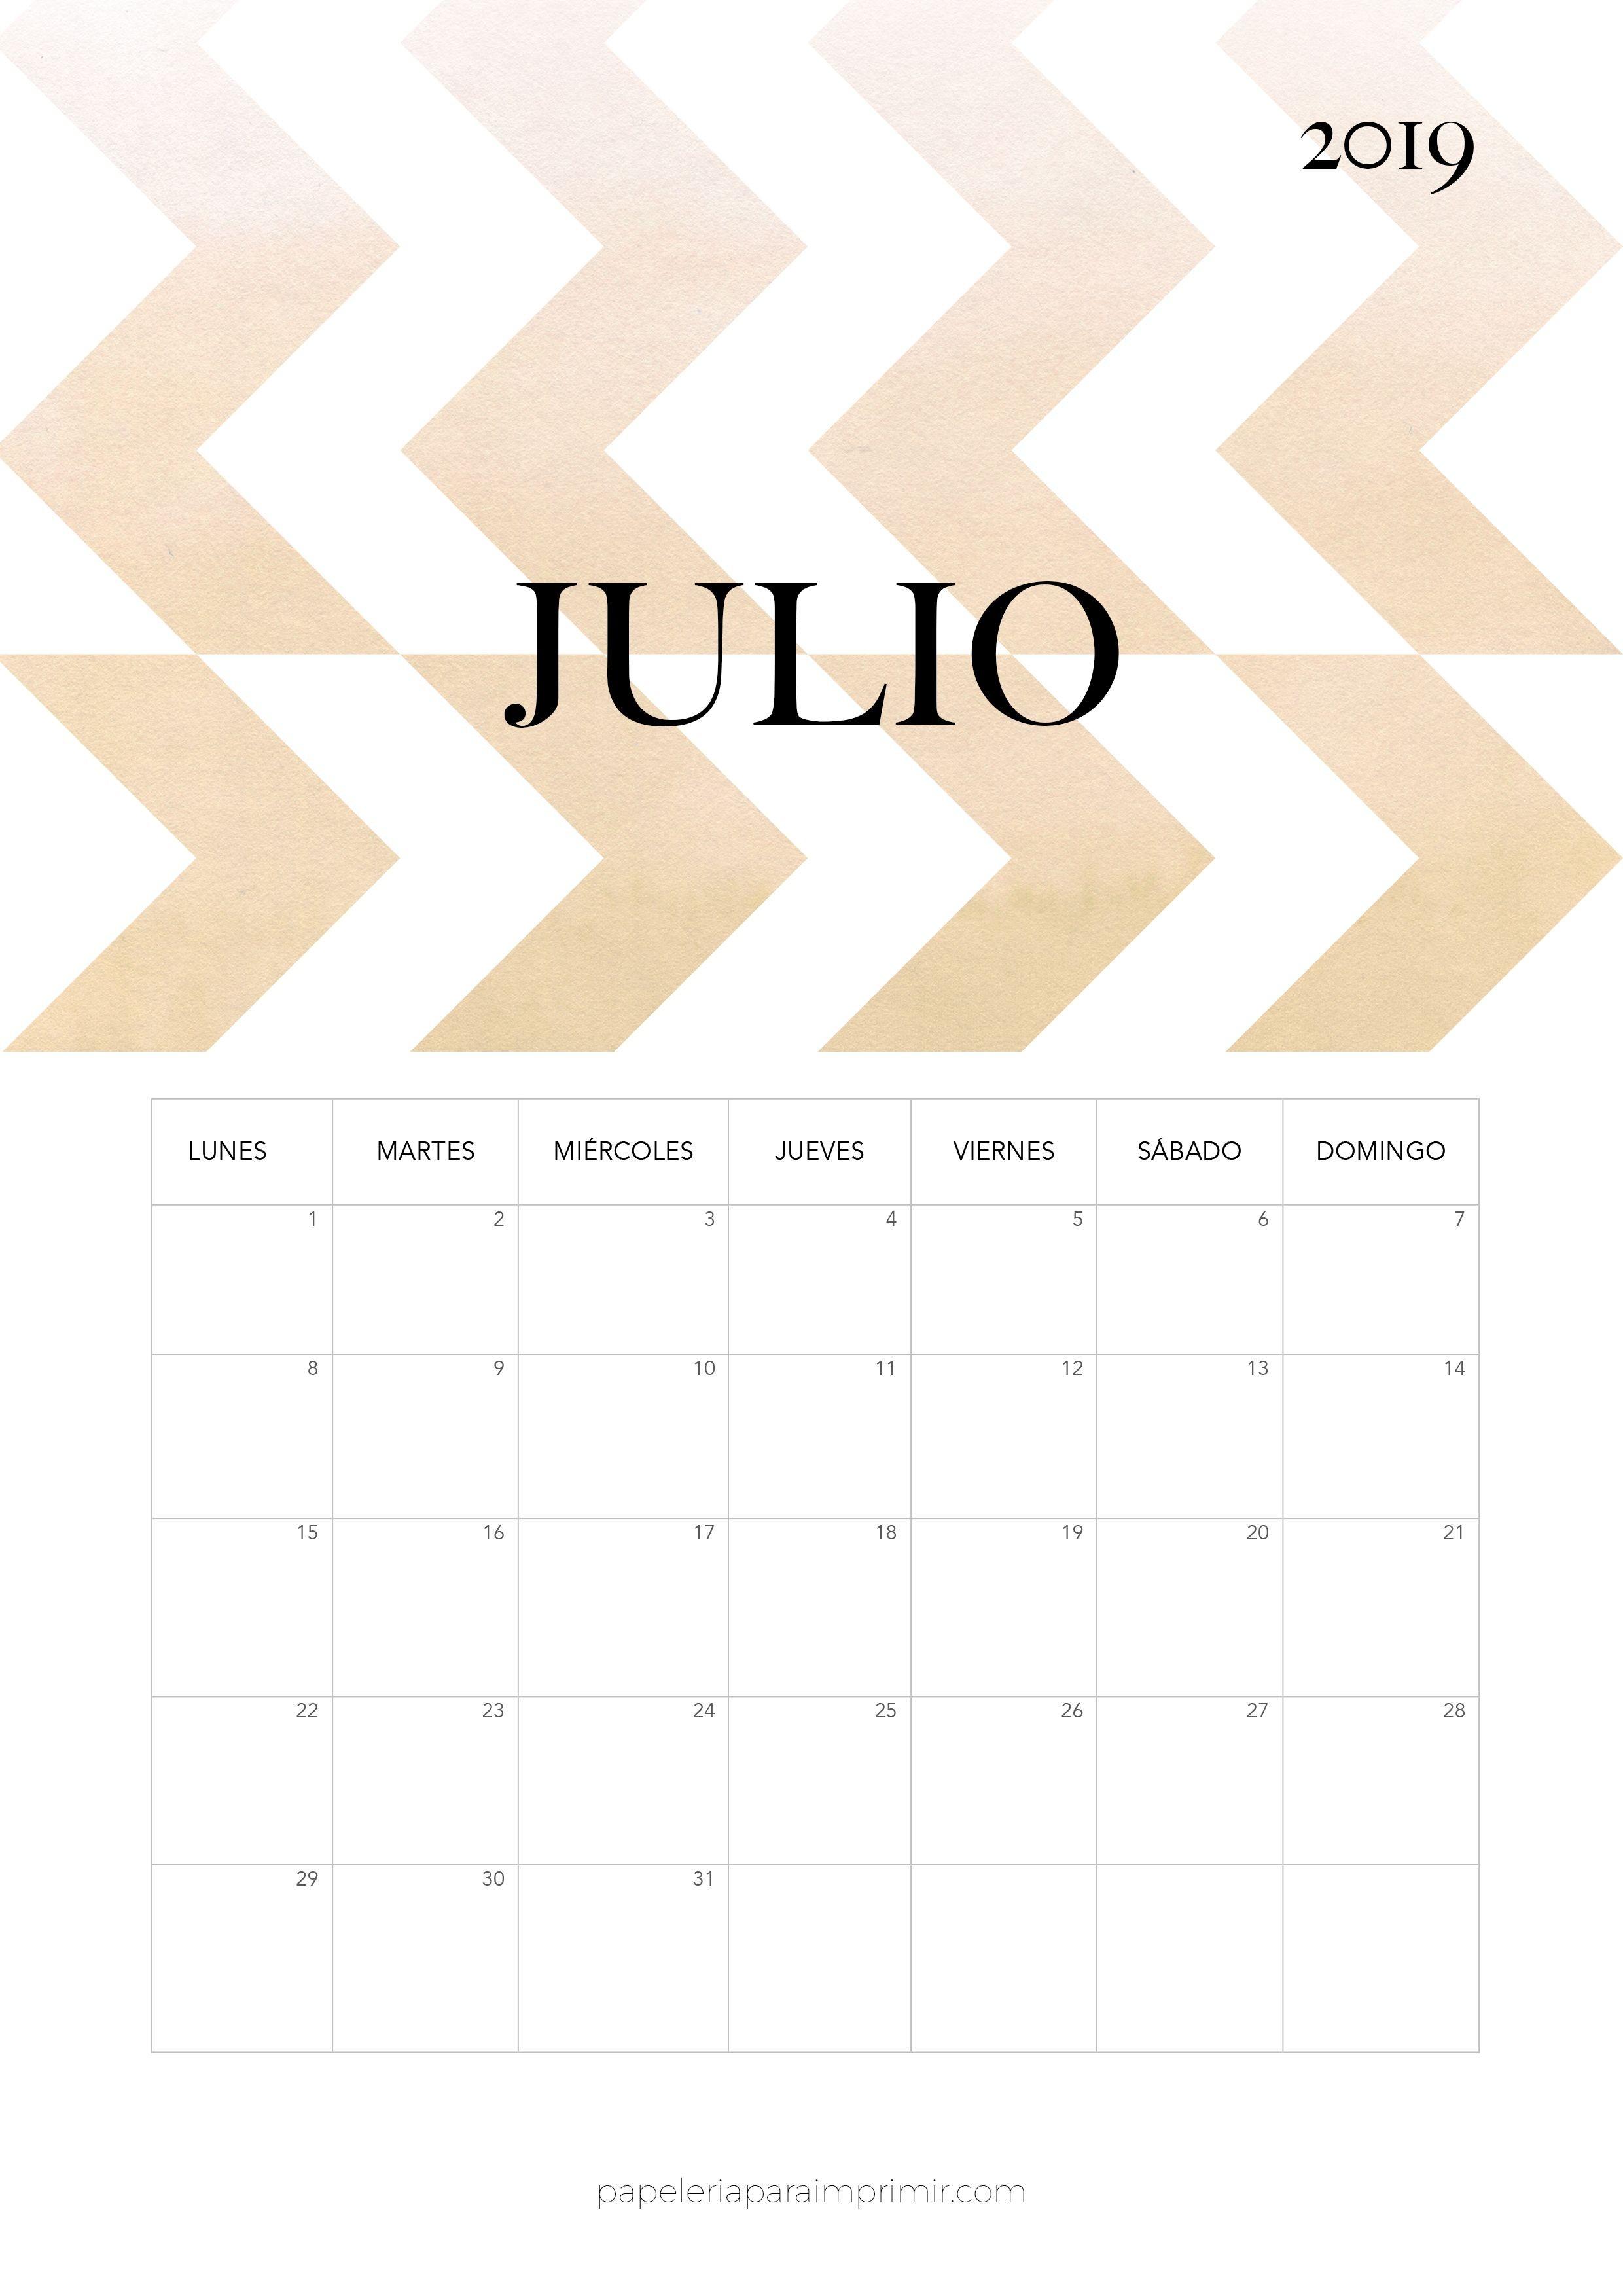 Calendario 2019 Julio Calendario mensual moderno de estilo minimal para imprimir gratis Descárgalo en alta